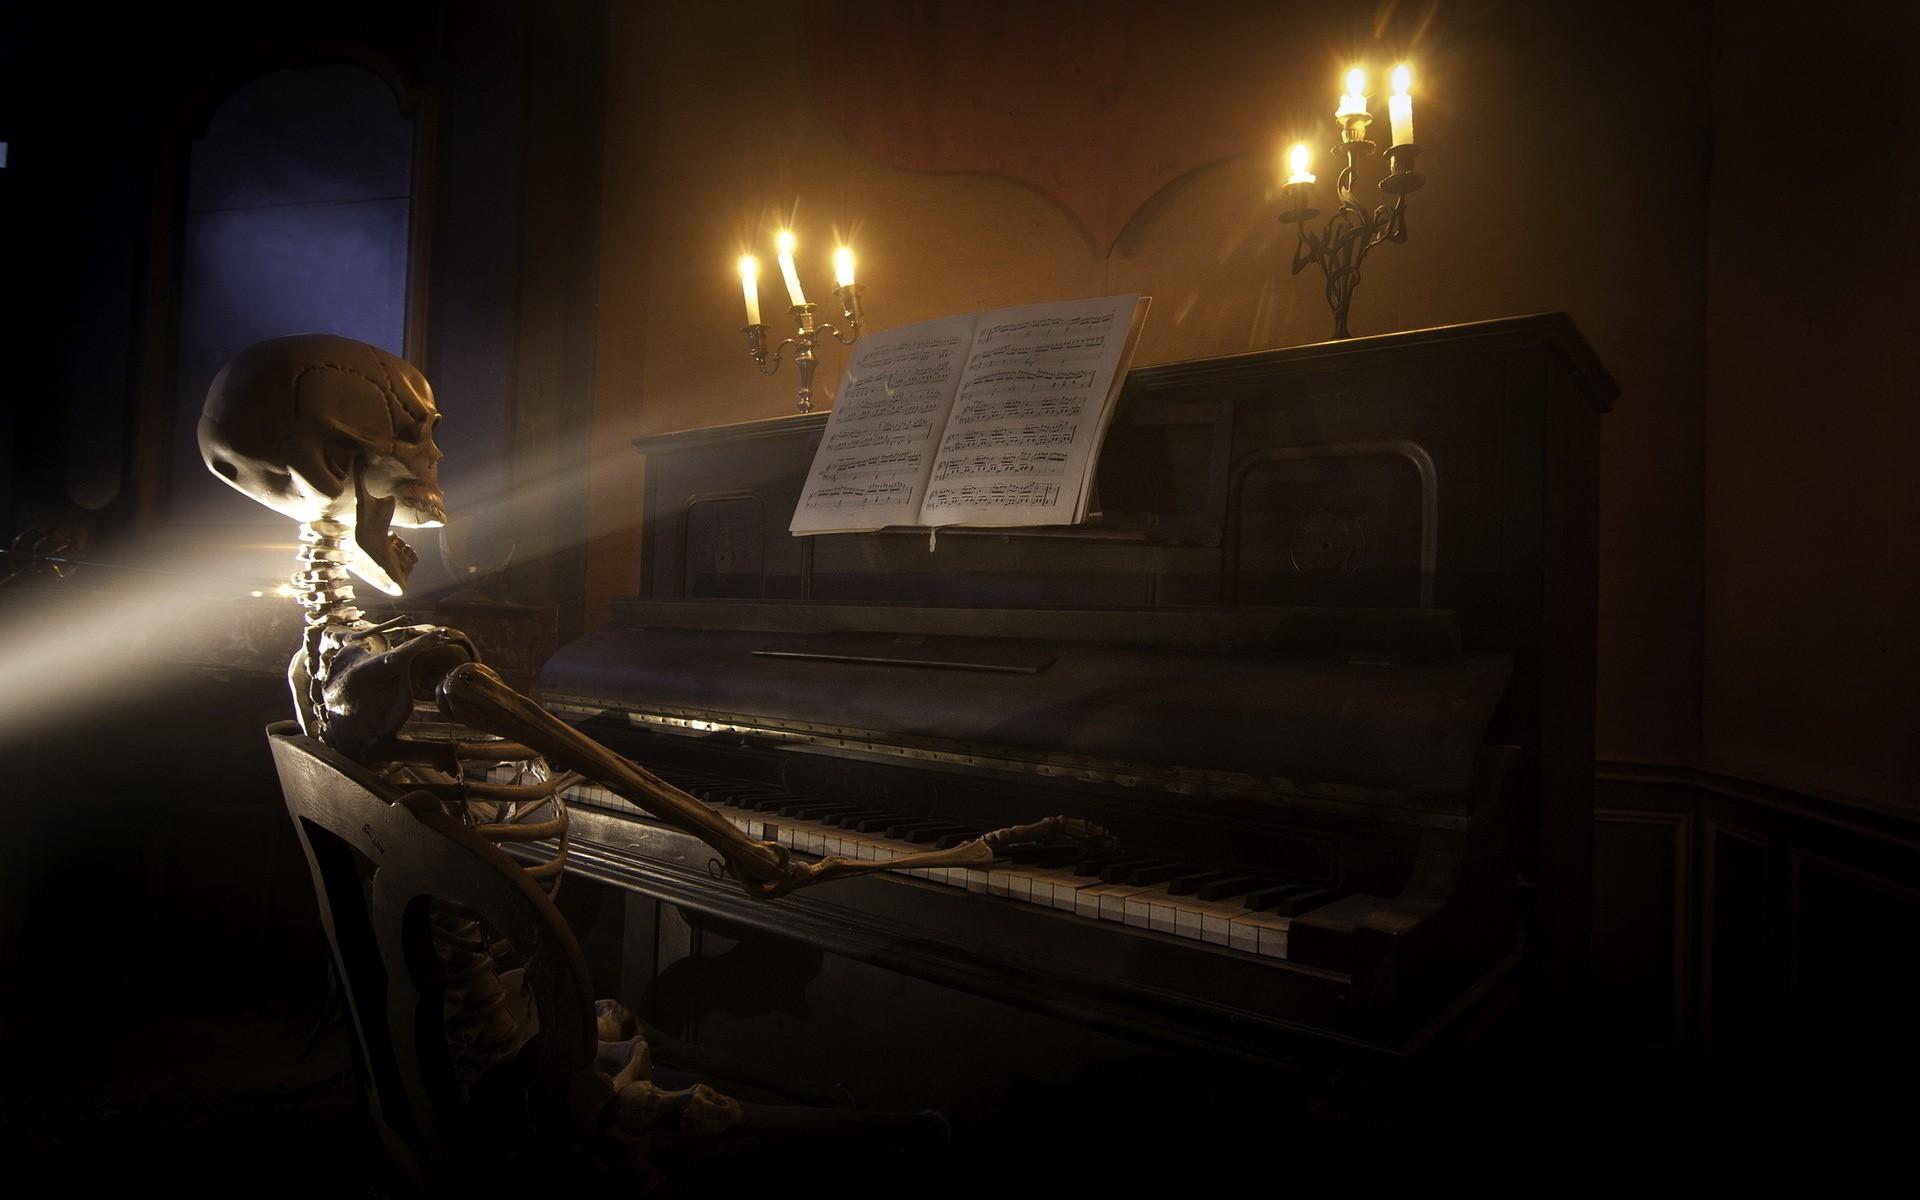 Sfondi : arte digitale notte 3d bocca aperta seduta candele